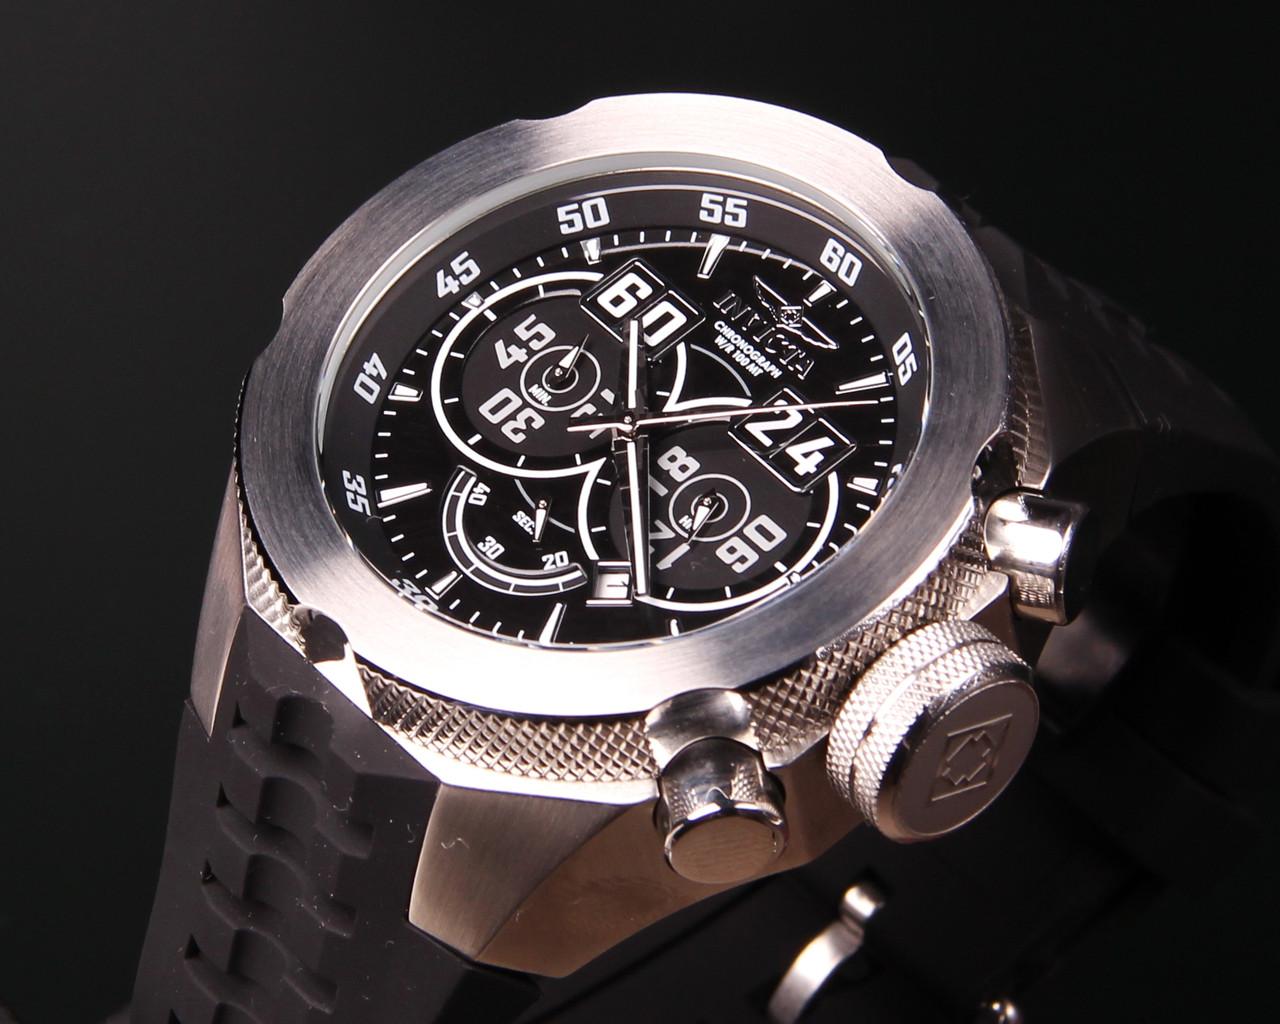 acf83642 Мужские часы Invicta 16926 I-Force , цена 5 000 грн., купить в ...